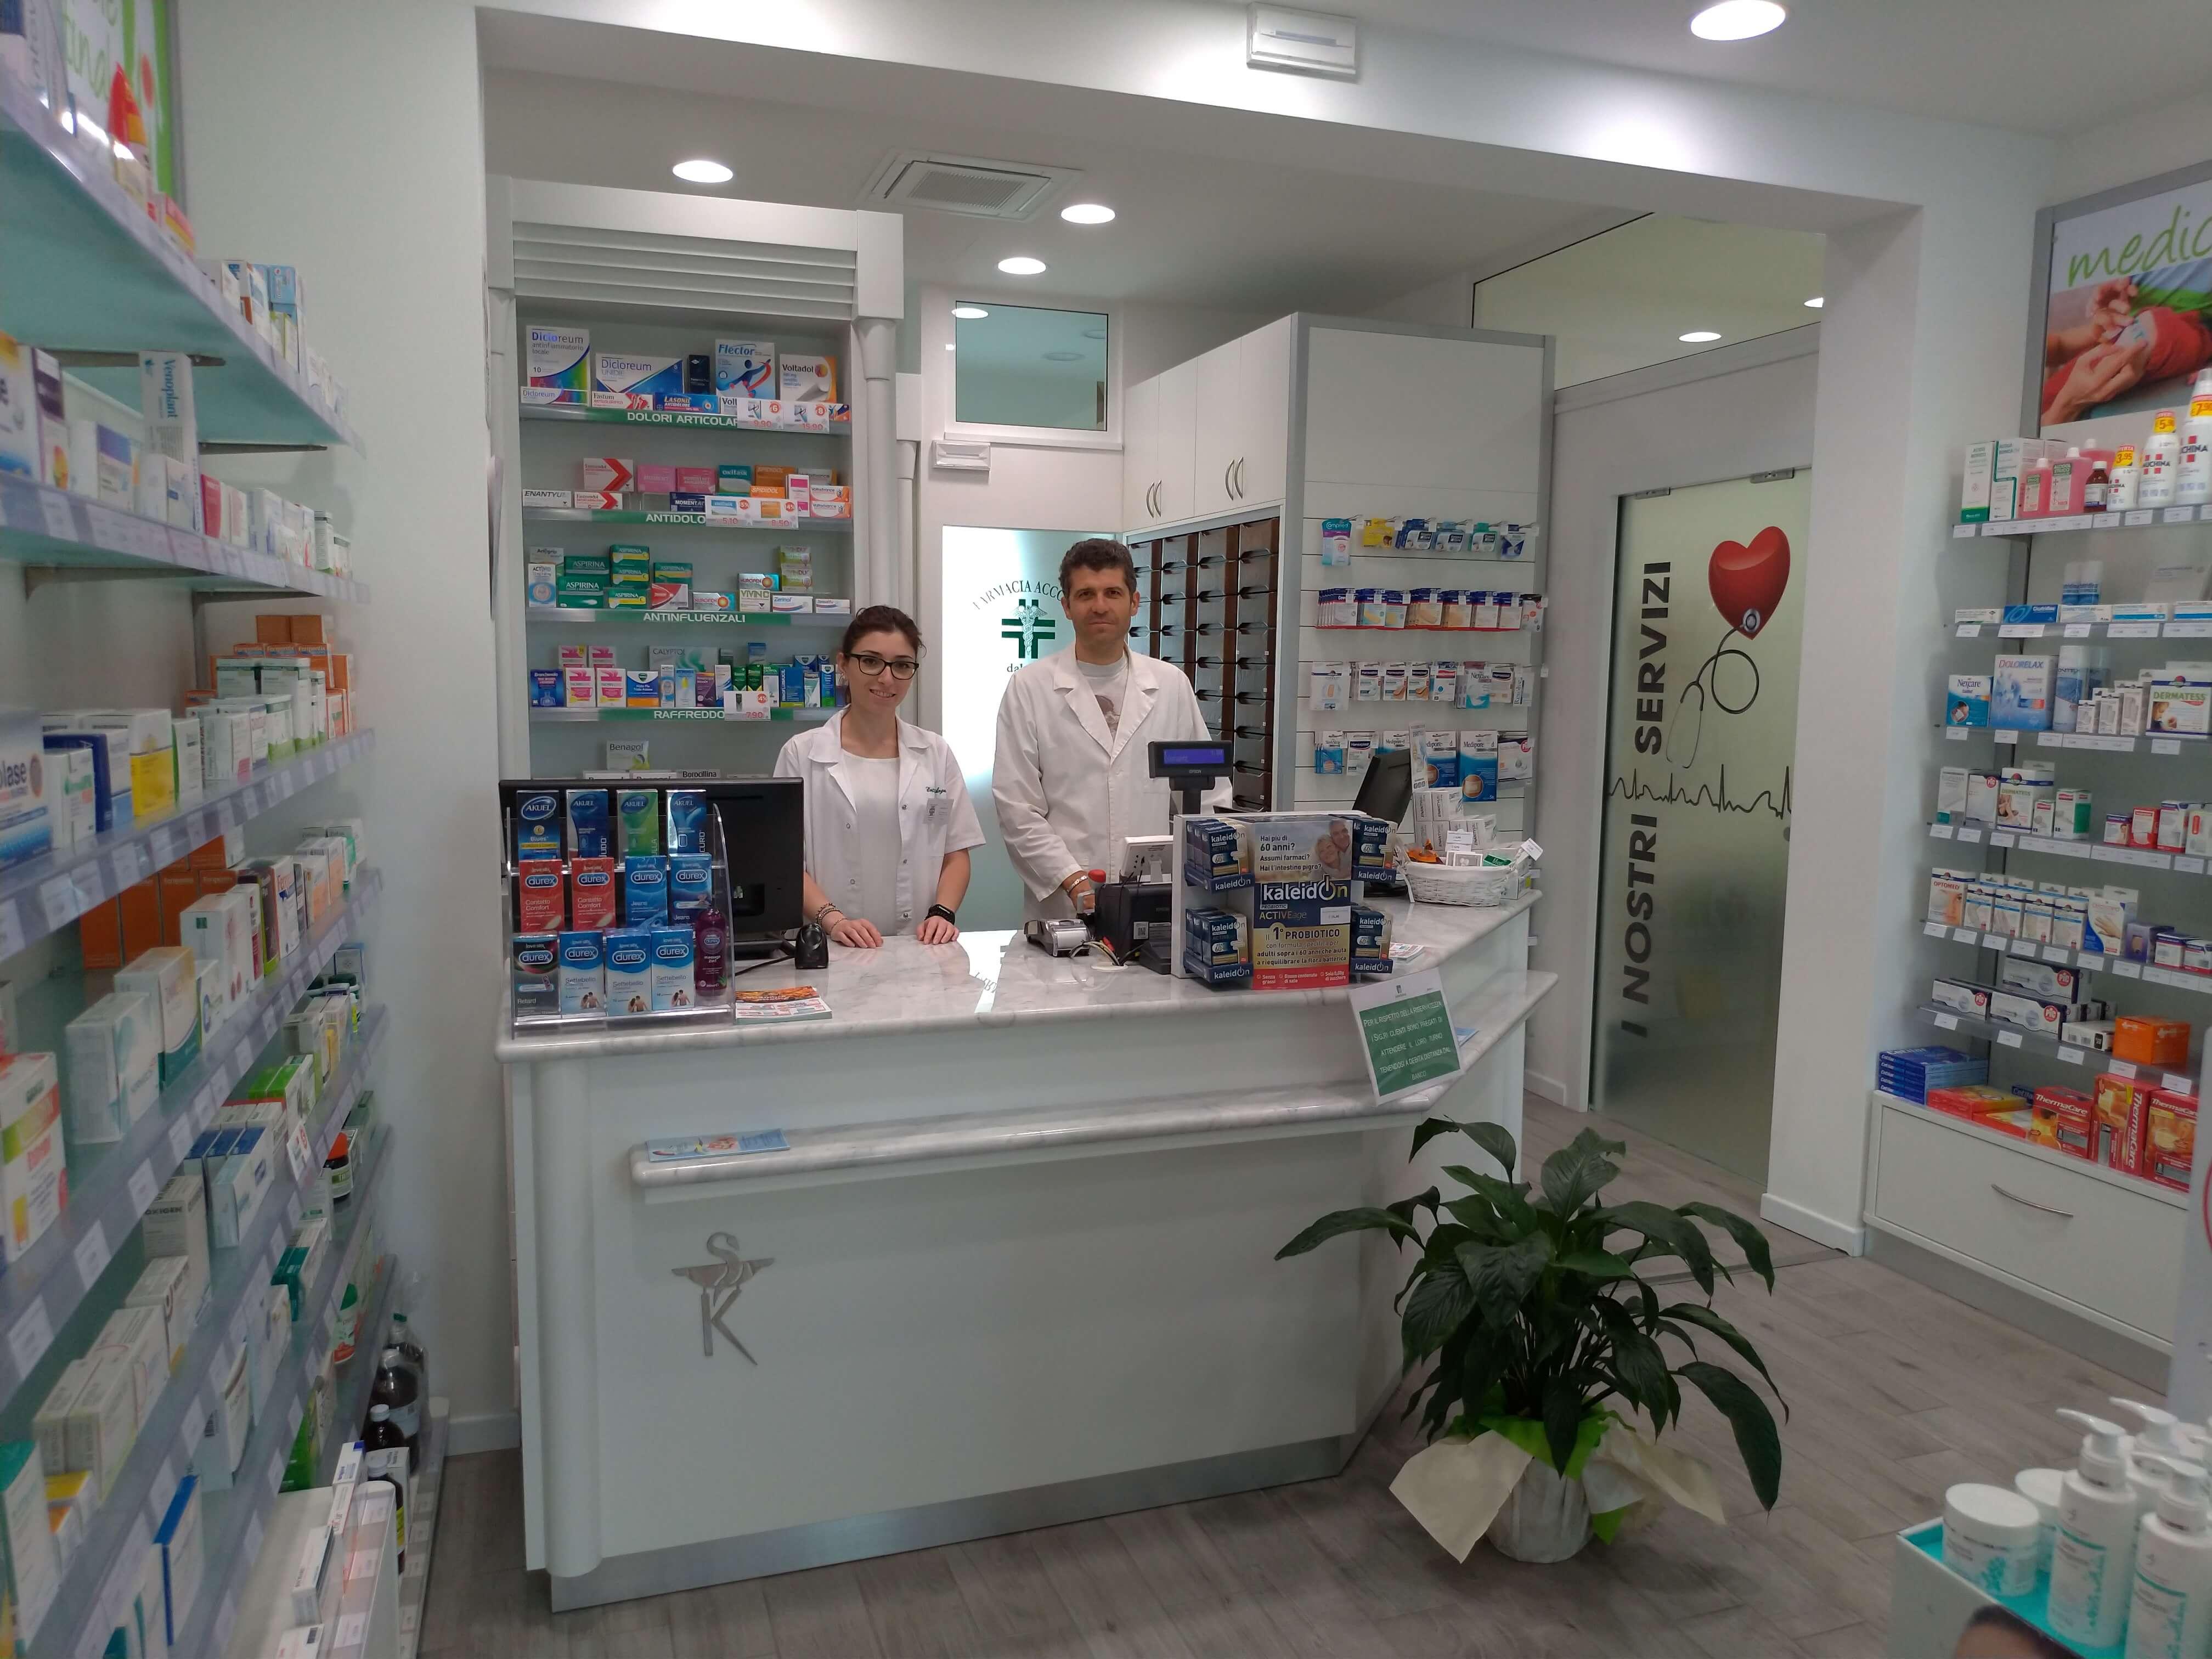 Farmacia per prenotazione cup a Mantova